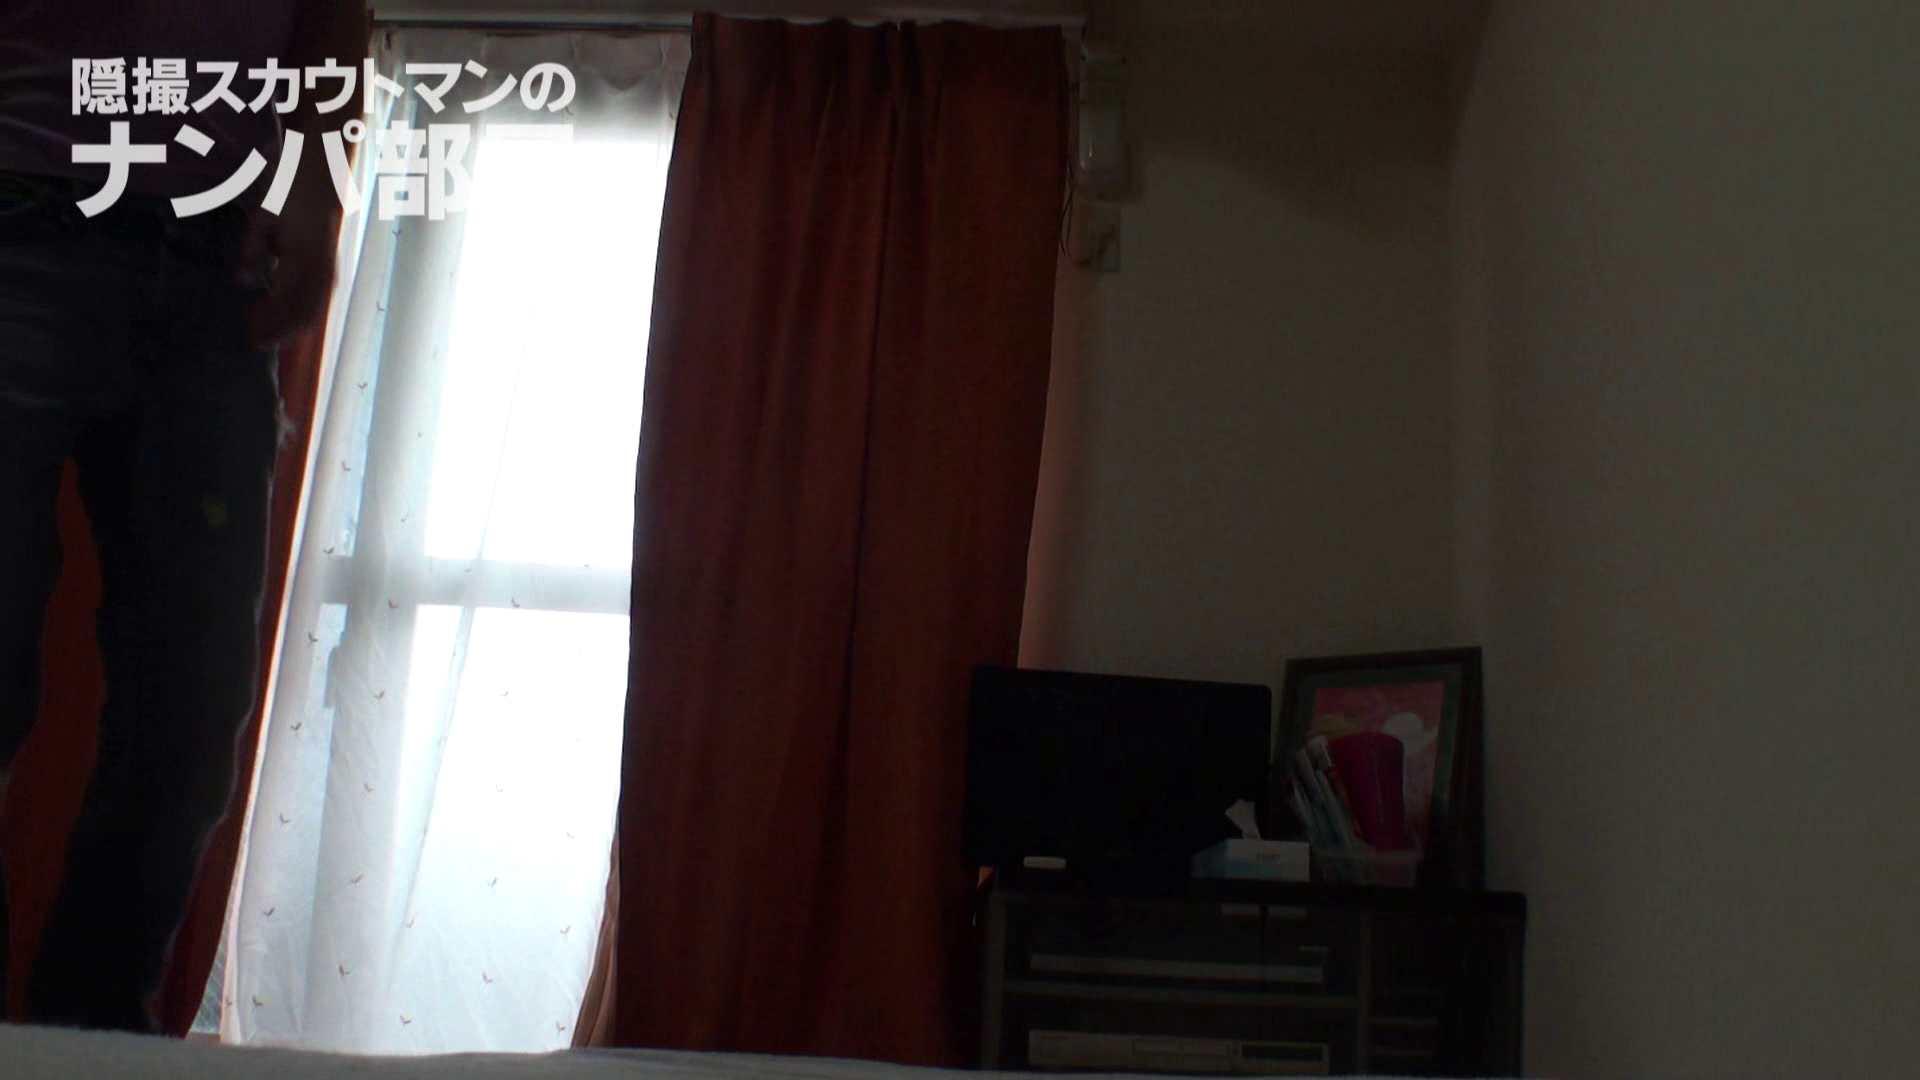 隠撮スカウトマンのナンパ部屋~風俗デビュー前のつまみ食い~ siivol.3 ナンパ おまんこ動画流出 76pic 15